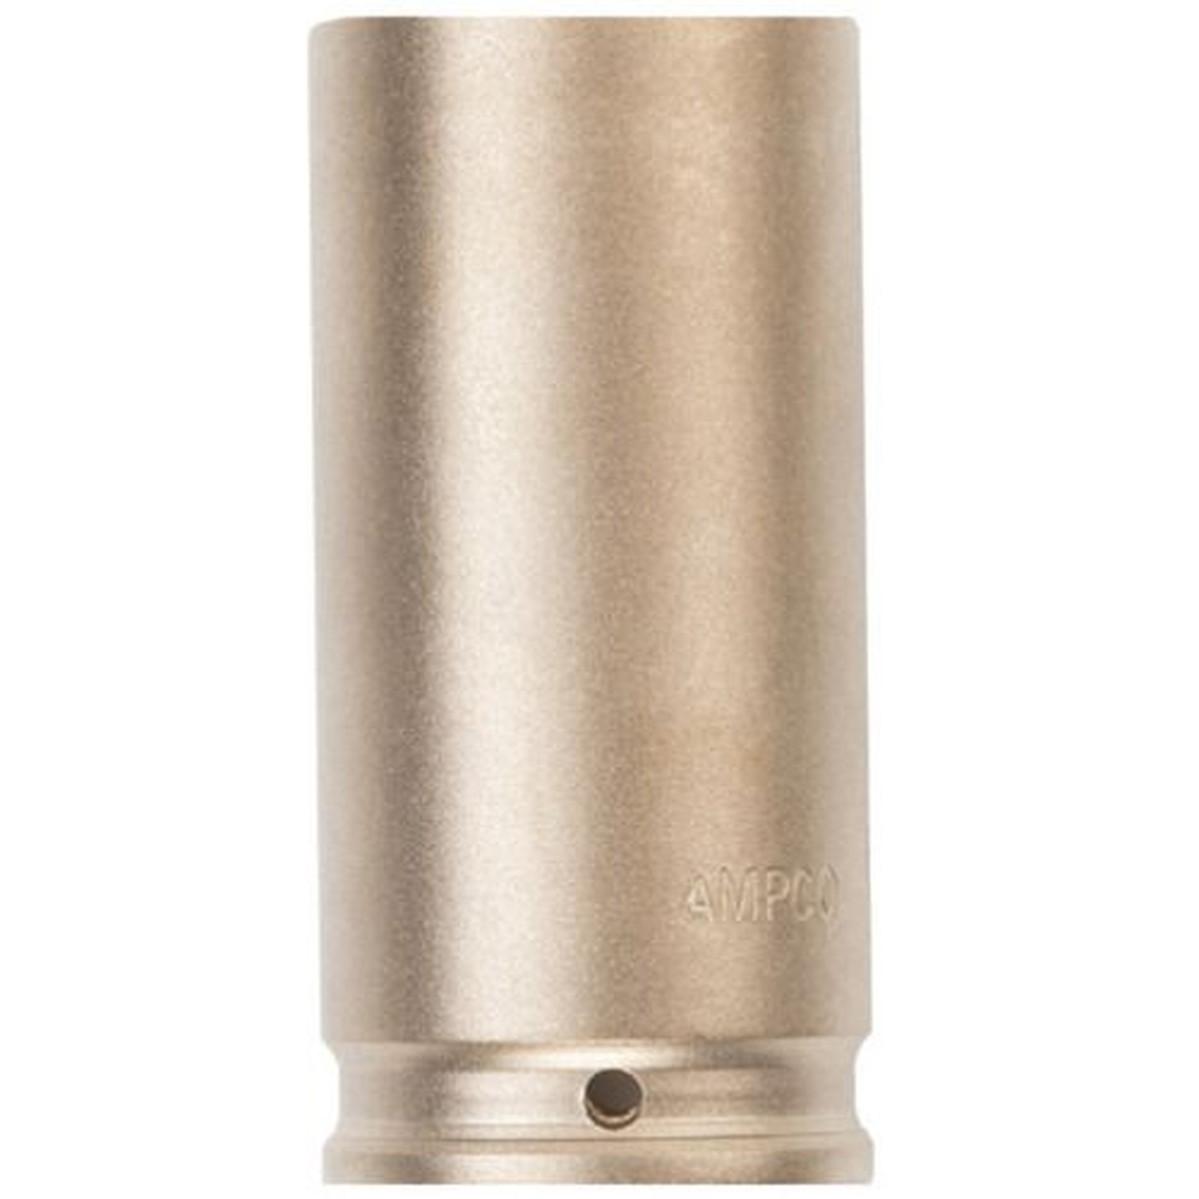 あす楽対応 お中元 DIY用品 Ampco 防爆インパクトディープソケット 1個 対辺25mm お買得 差込み12.7mm